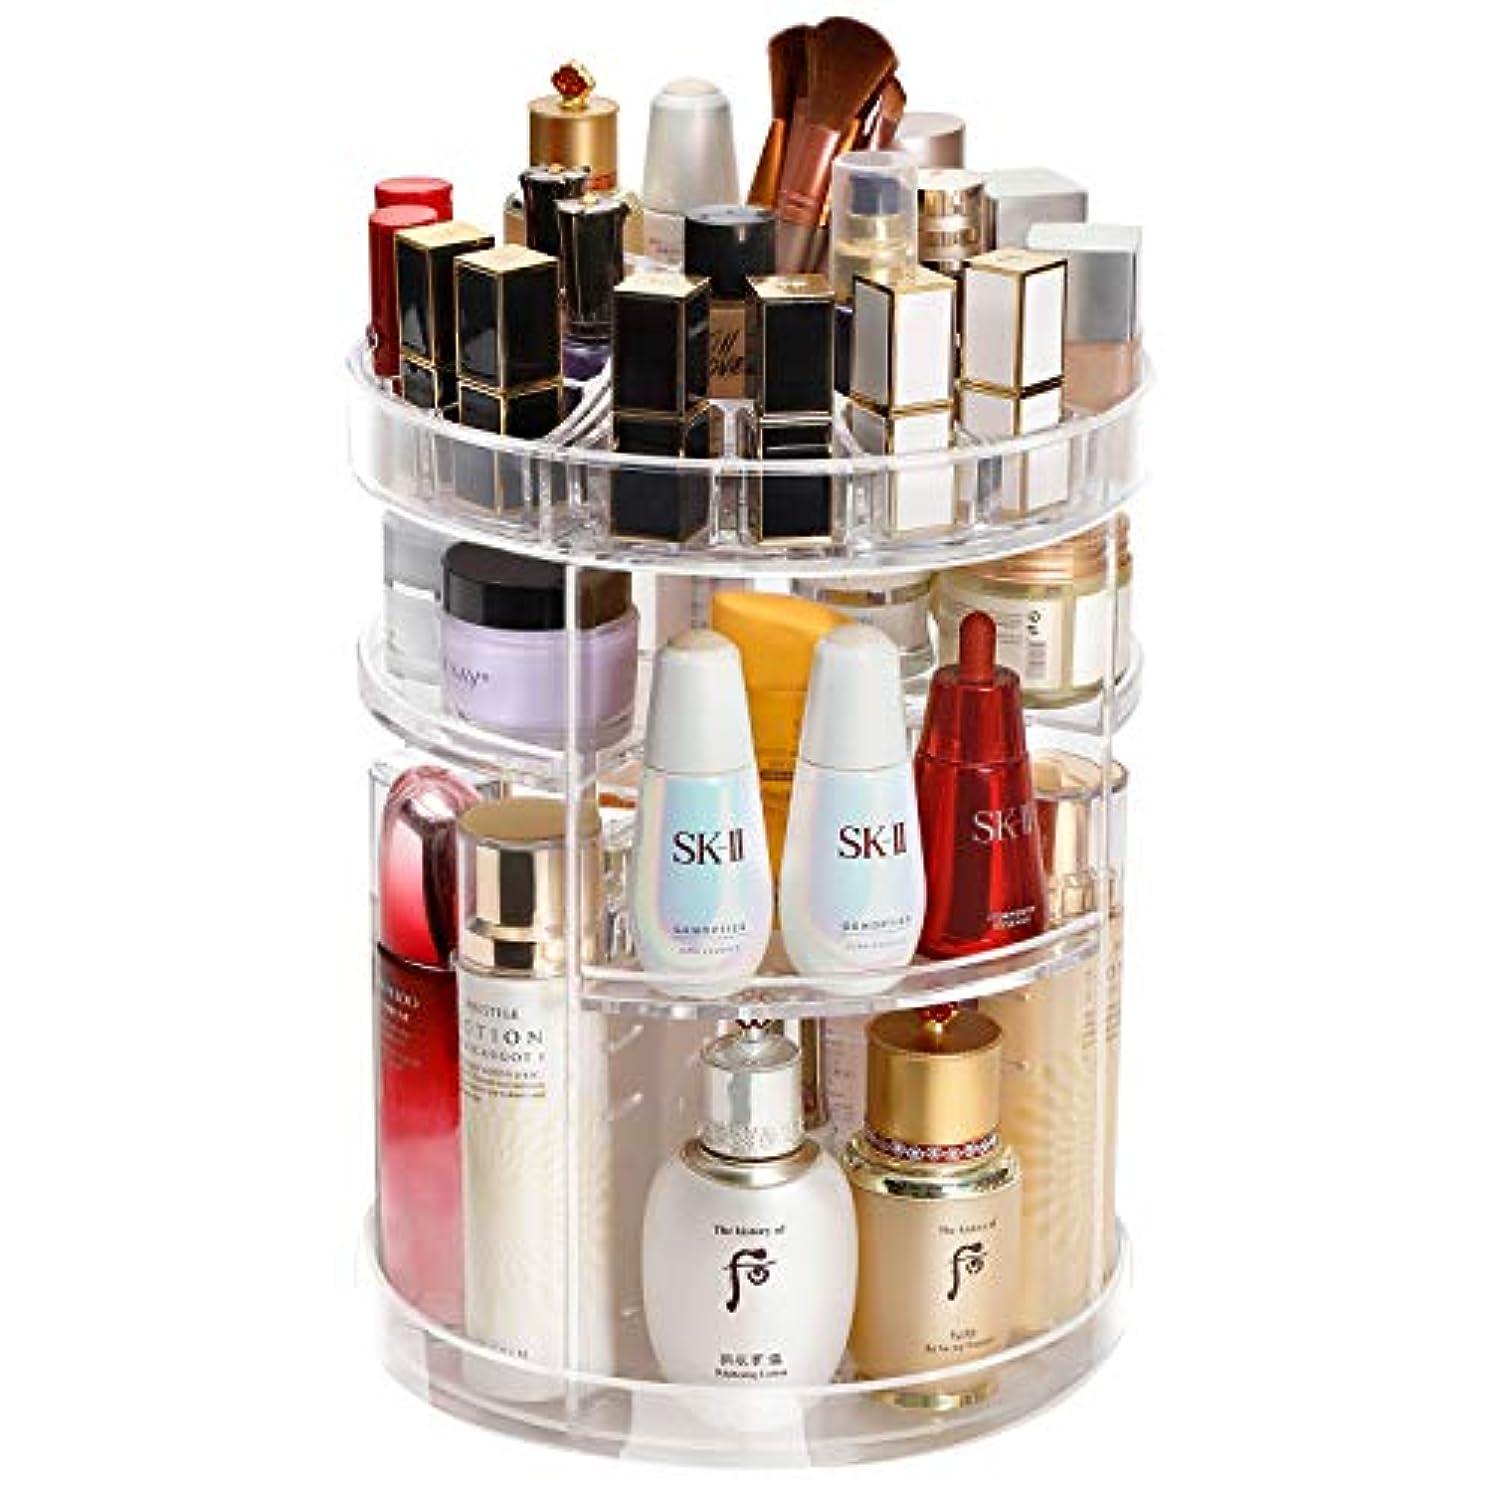 夢中ステージ生化粧品収納ボックス 大容量 360°回転可能 収納ボックス 耐久性 透明 口紅 コスメ 小物収納 アクリルケース